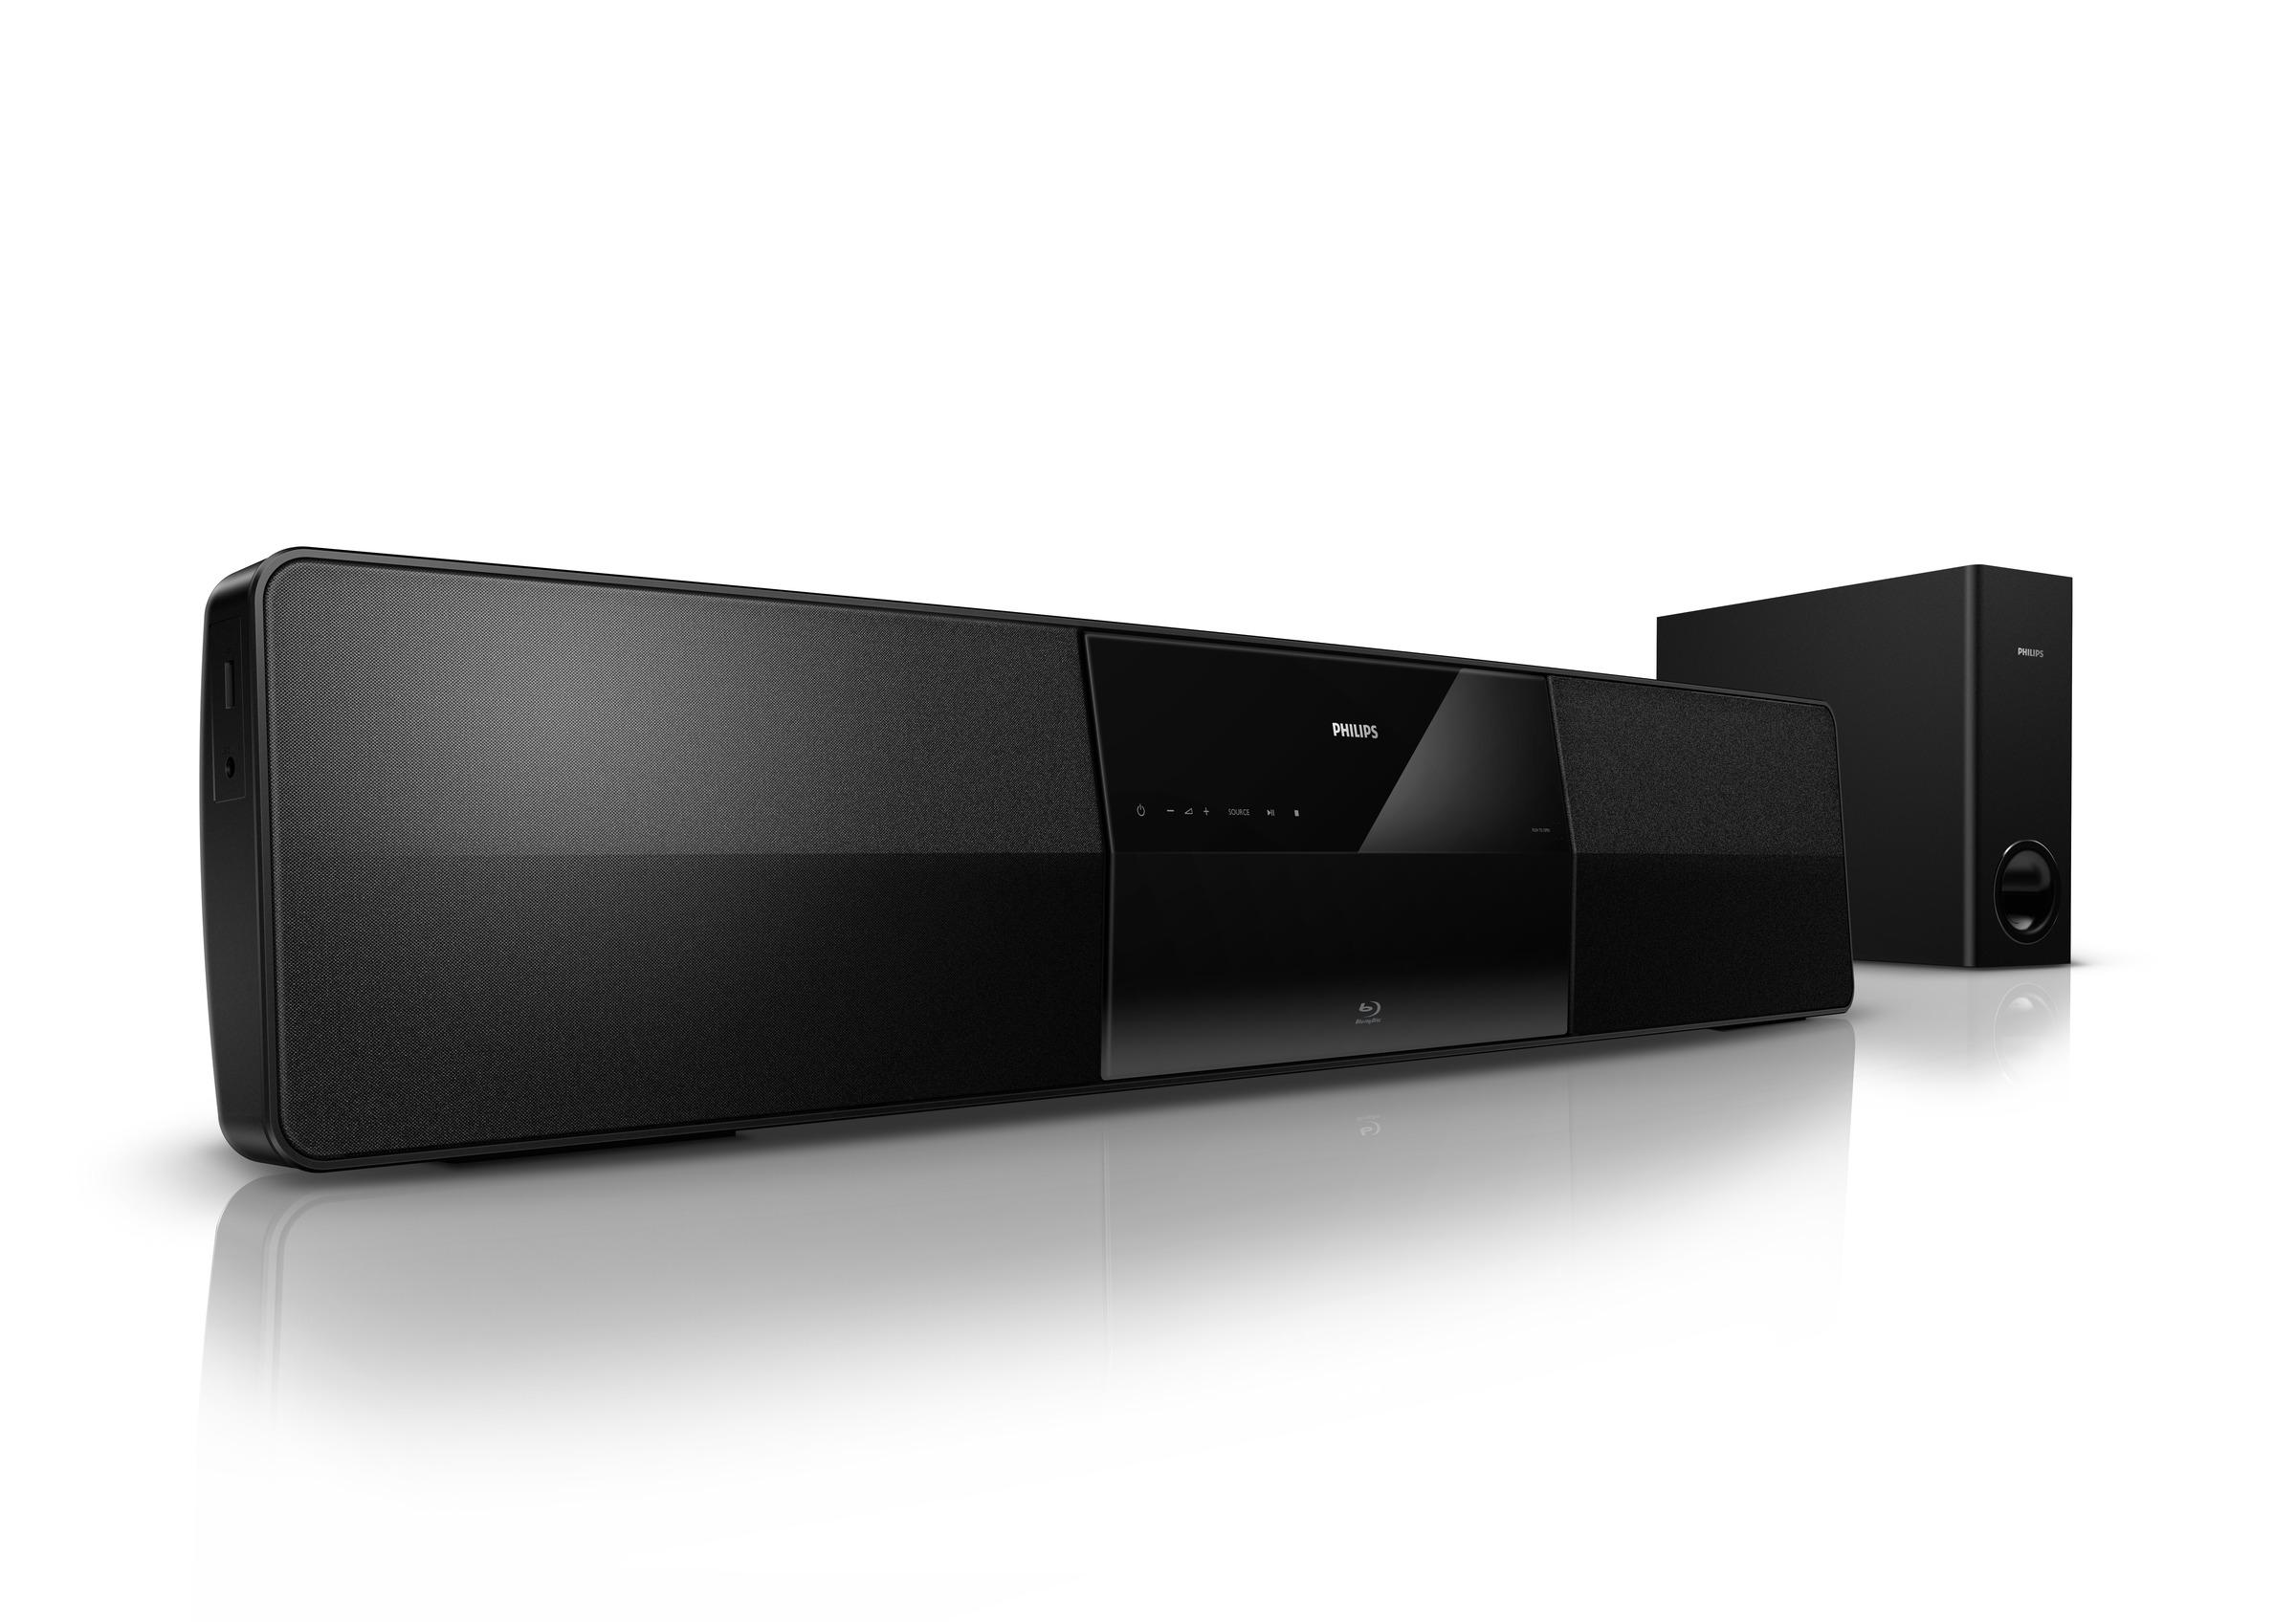 Philips soundbar 1 1 hts5131 prijzen tweakers